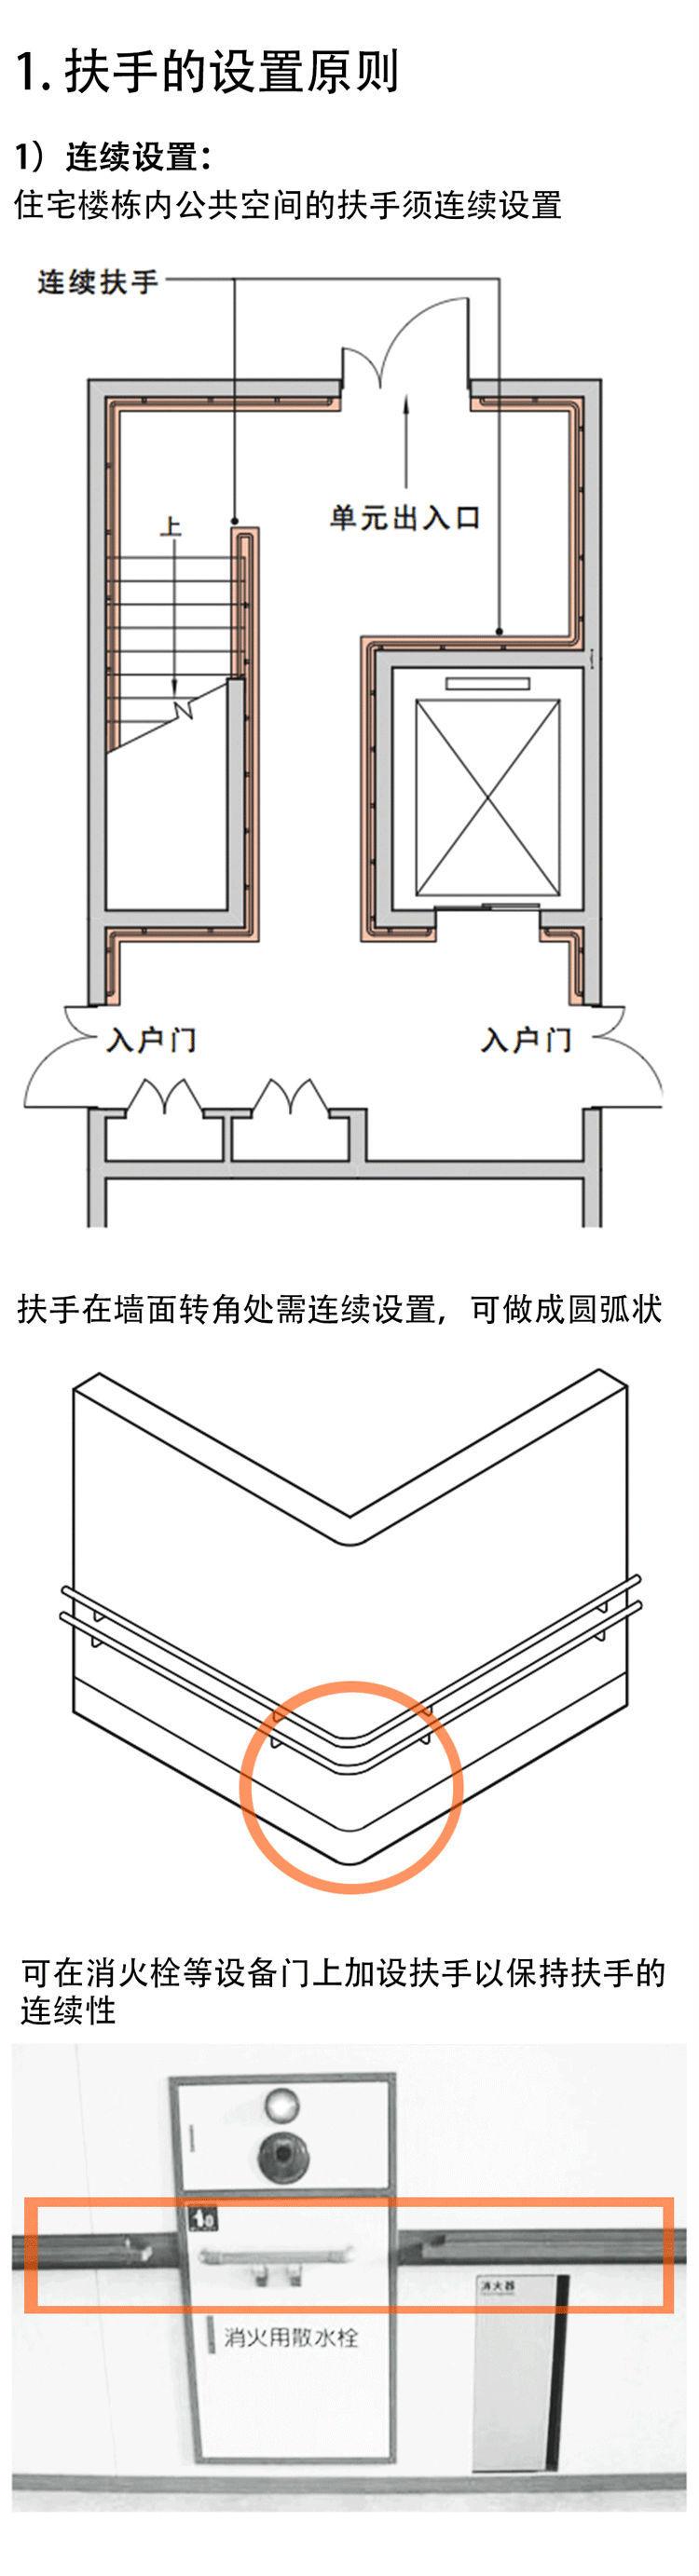 老年住宅中的细节设计